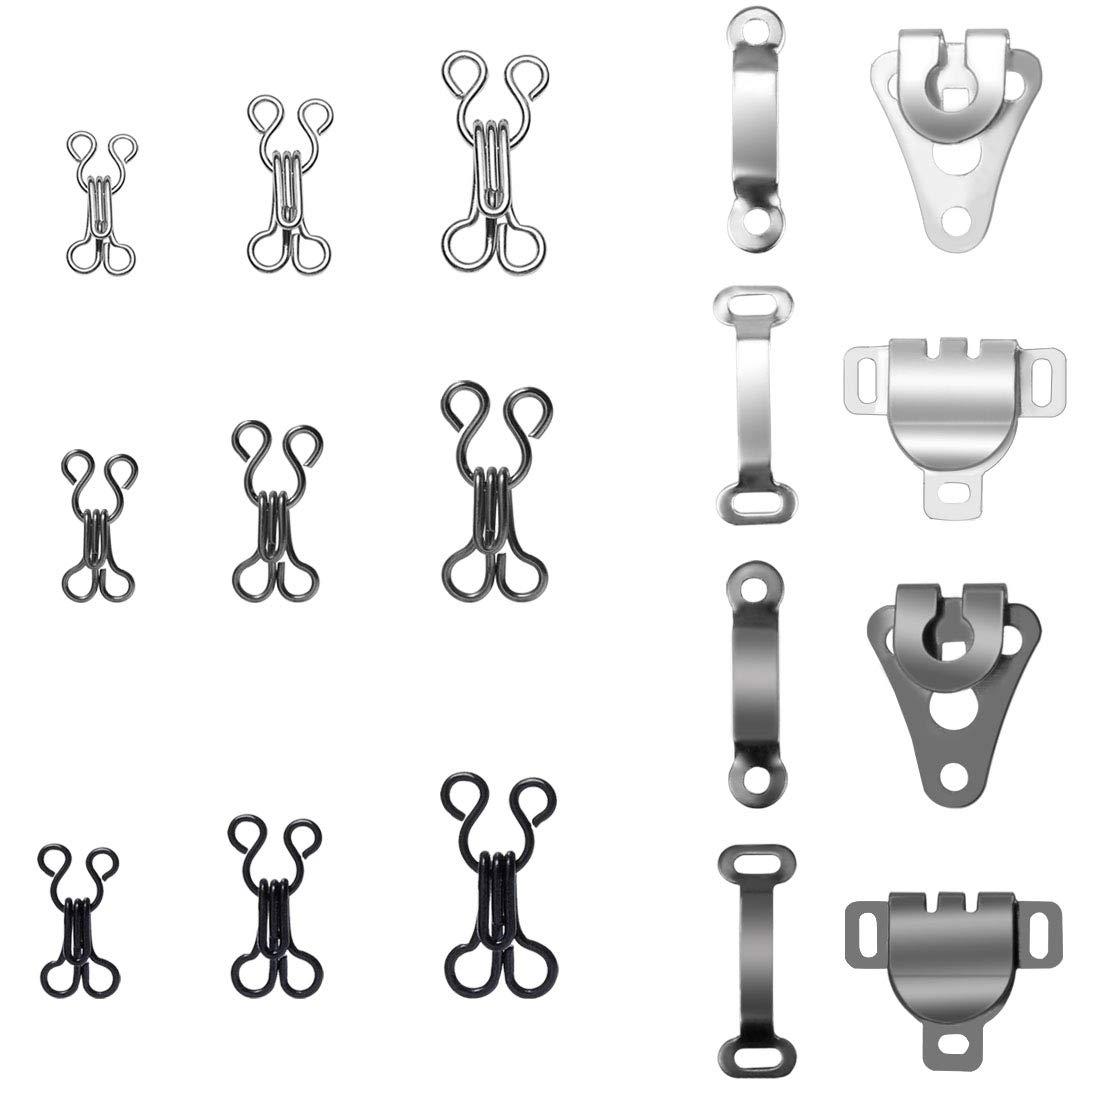 R/öcke 4 Gr/ö/ßen Homgaty 130 Paar N/ähhaken und /Ösenverschluss Ersatz-BH-Haken f/ür Hosen BH und Kleidung